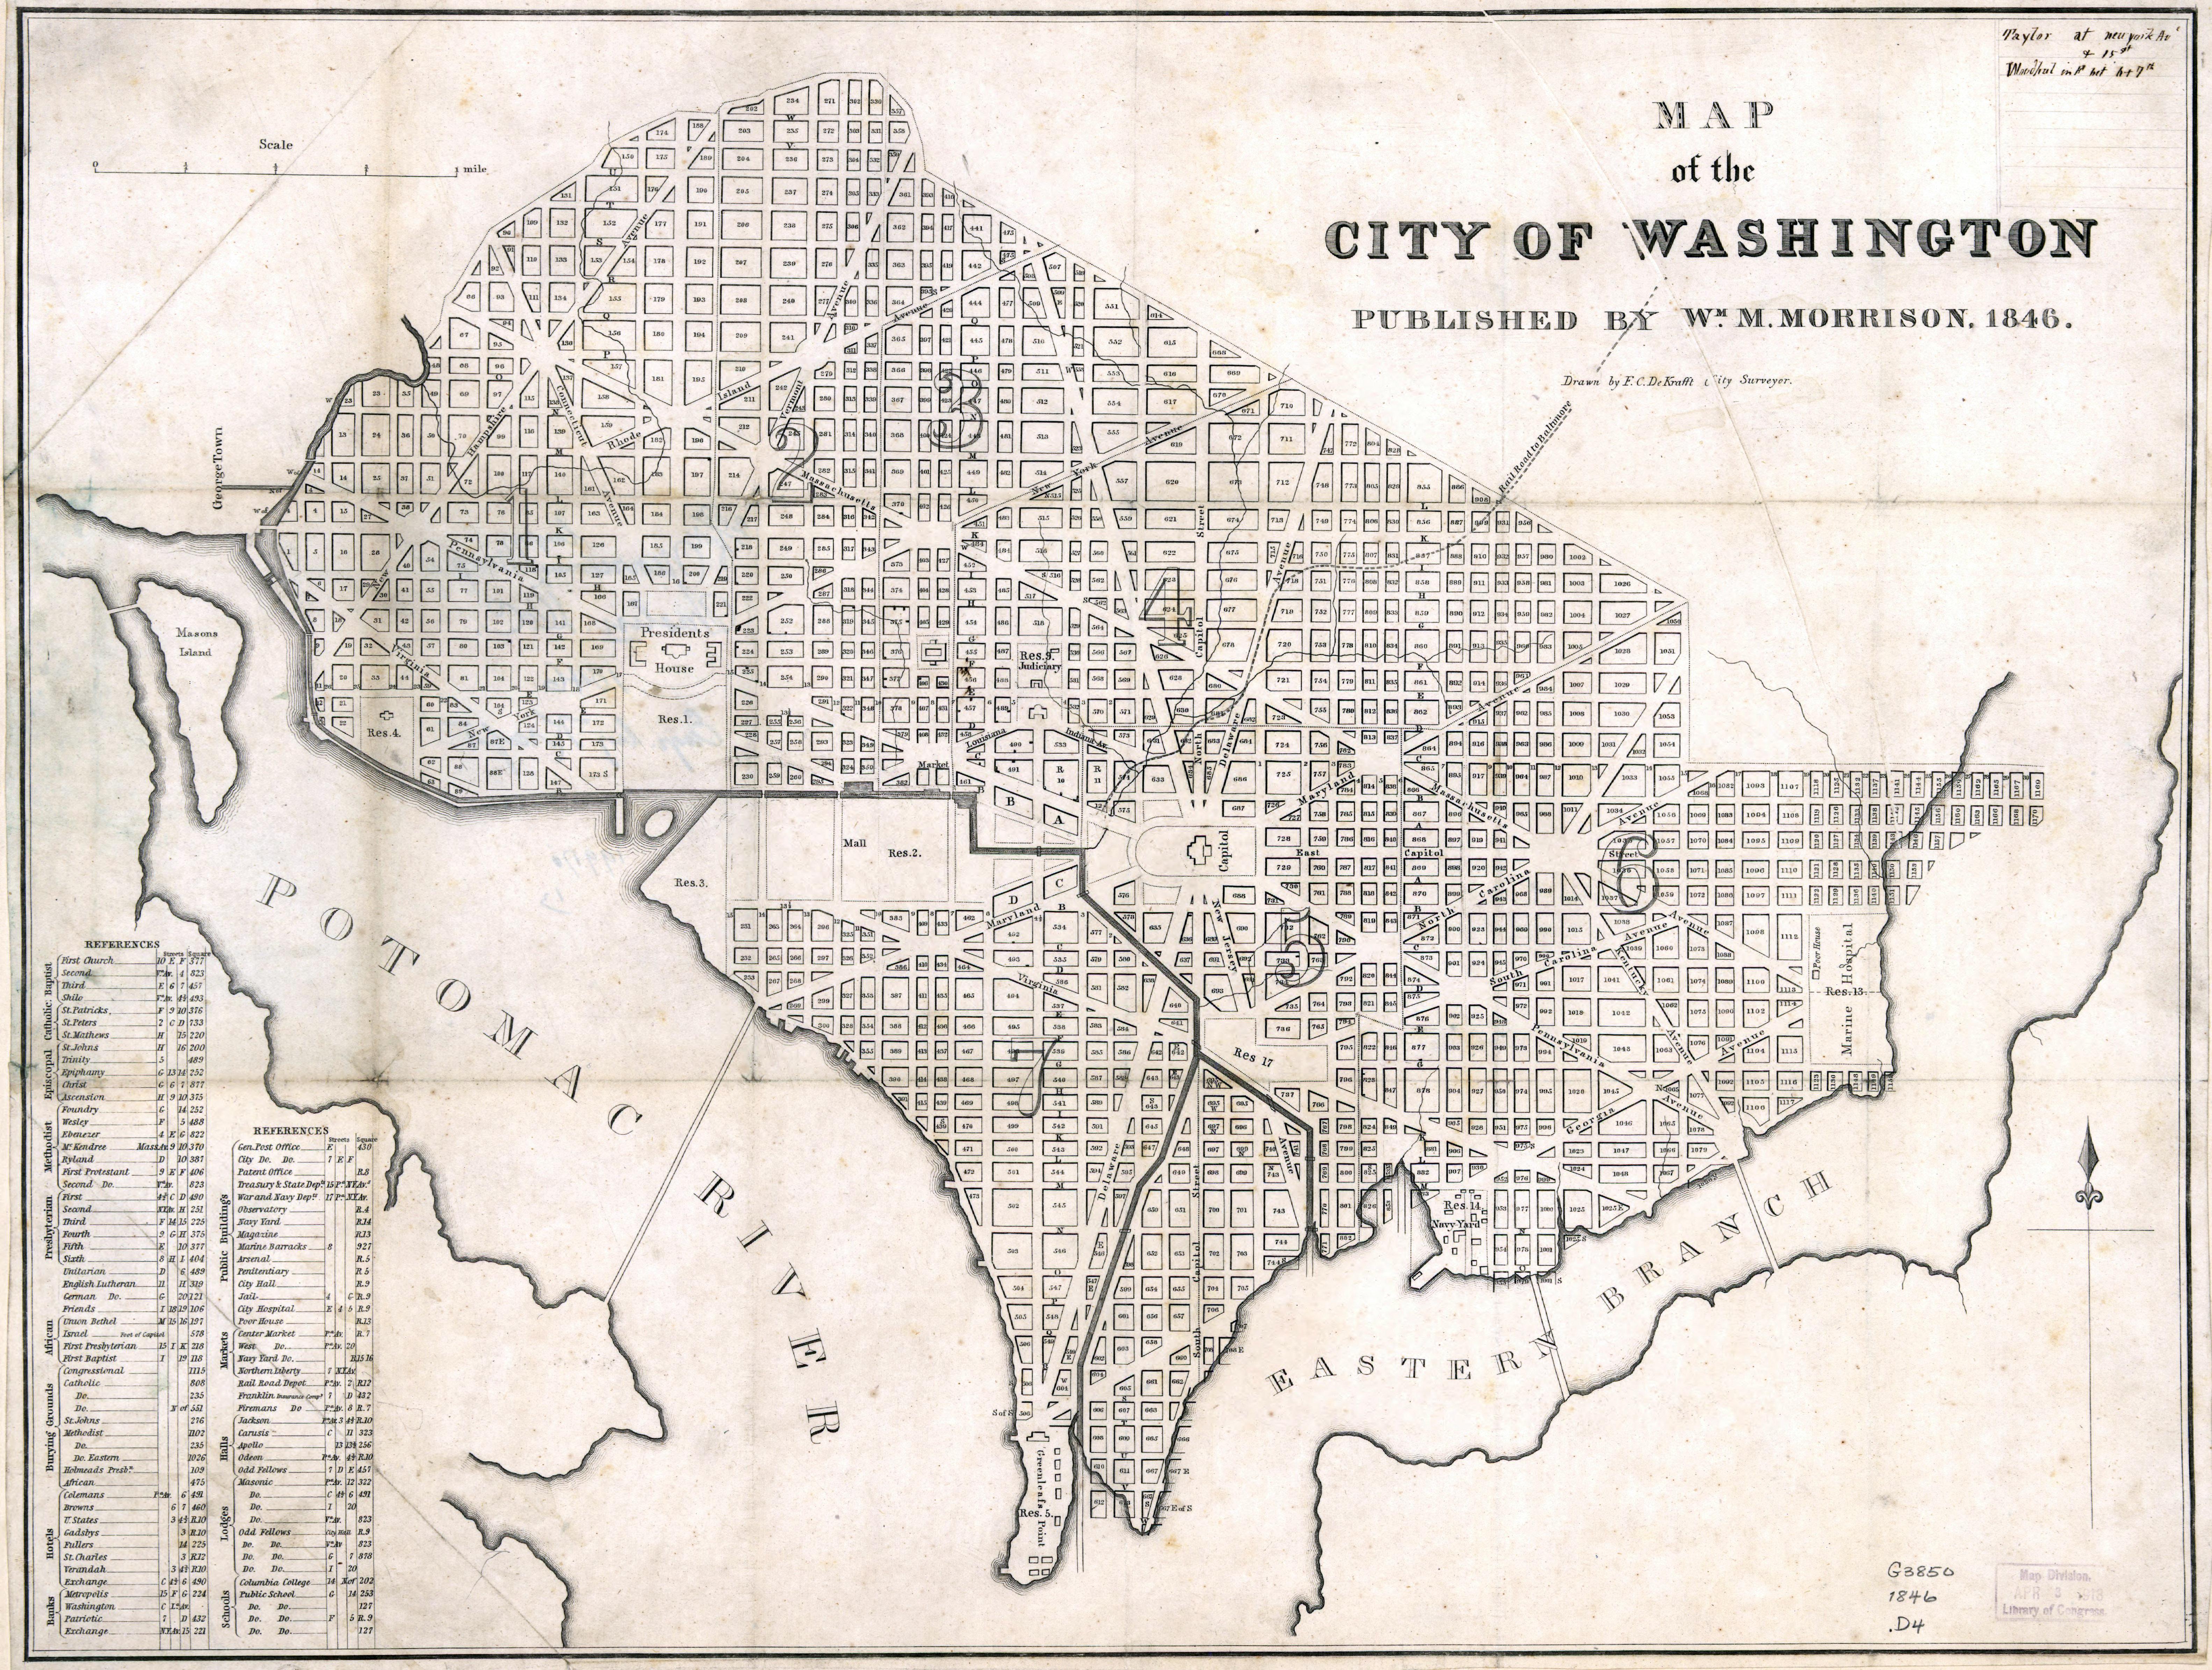 Large scale old map of the city of Washington DC - 1846 | Washington on